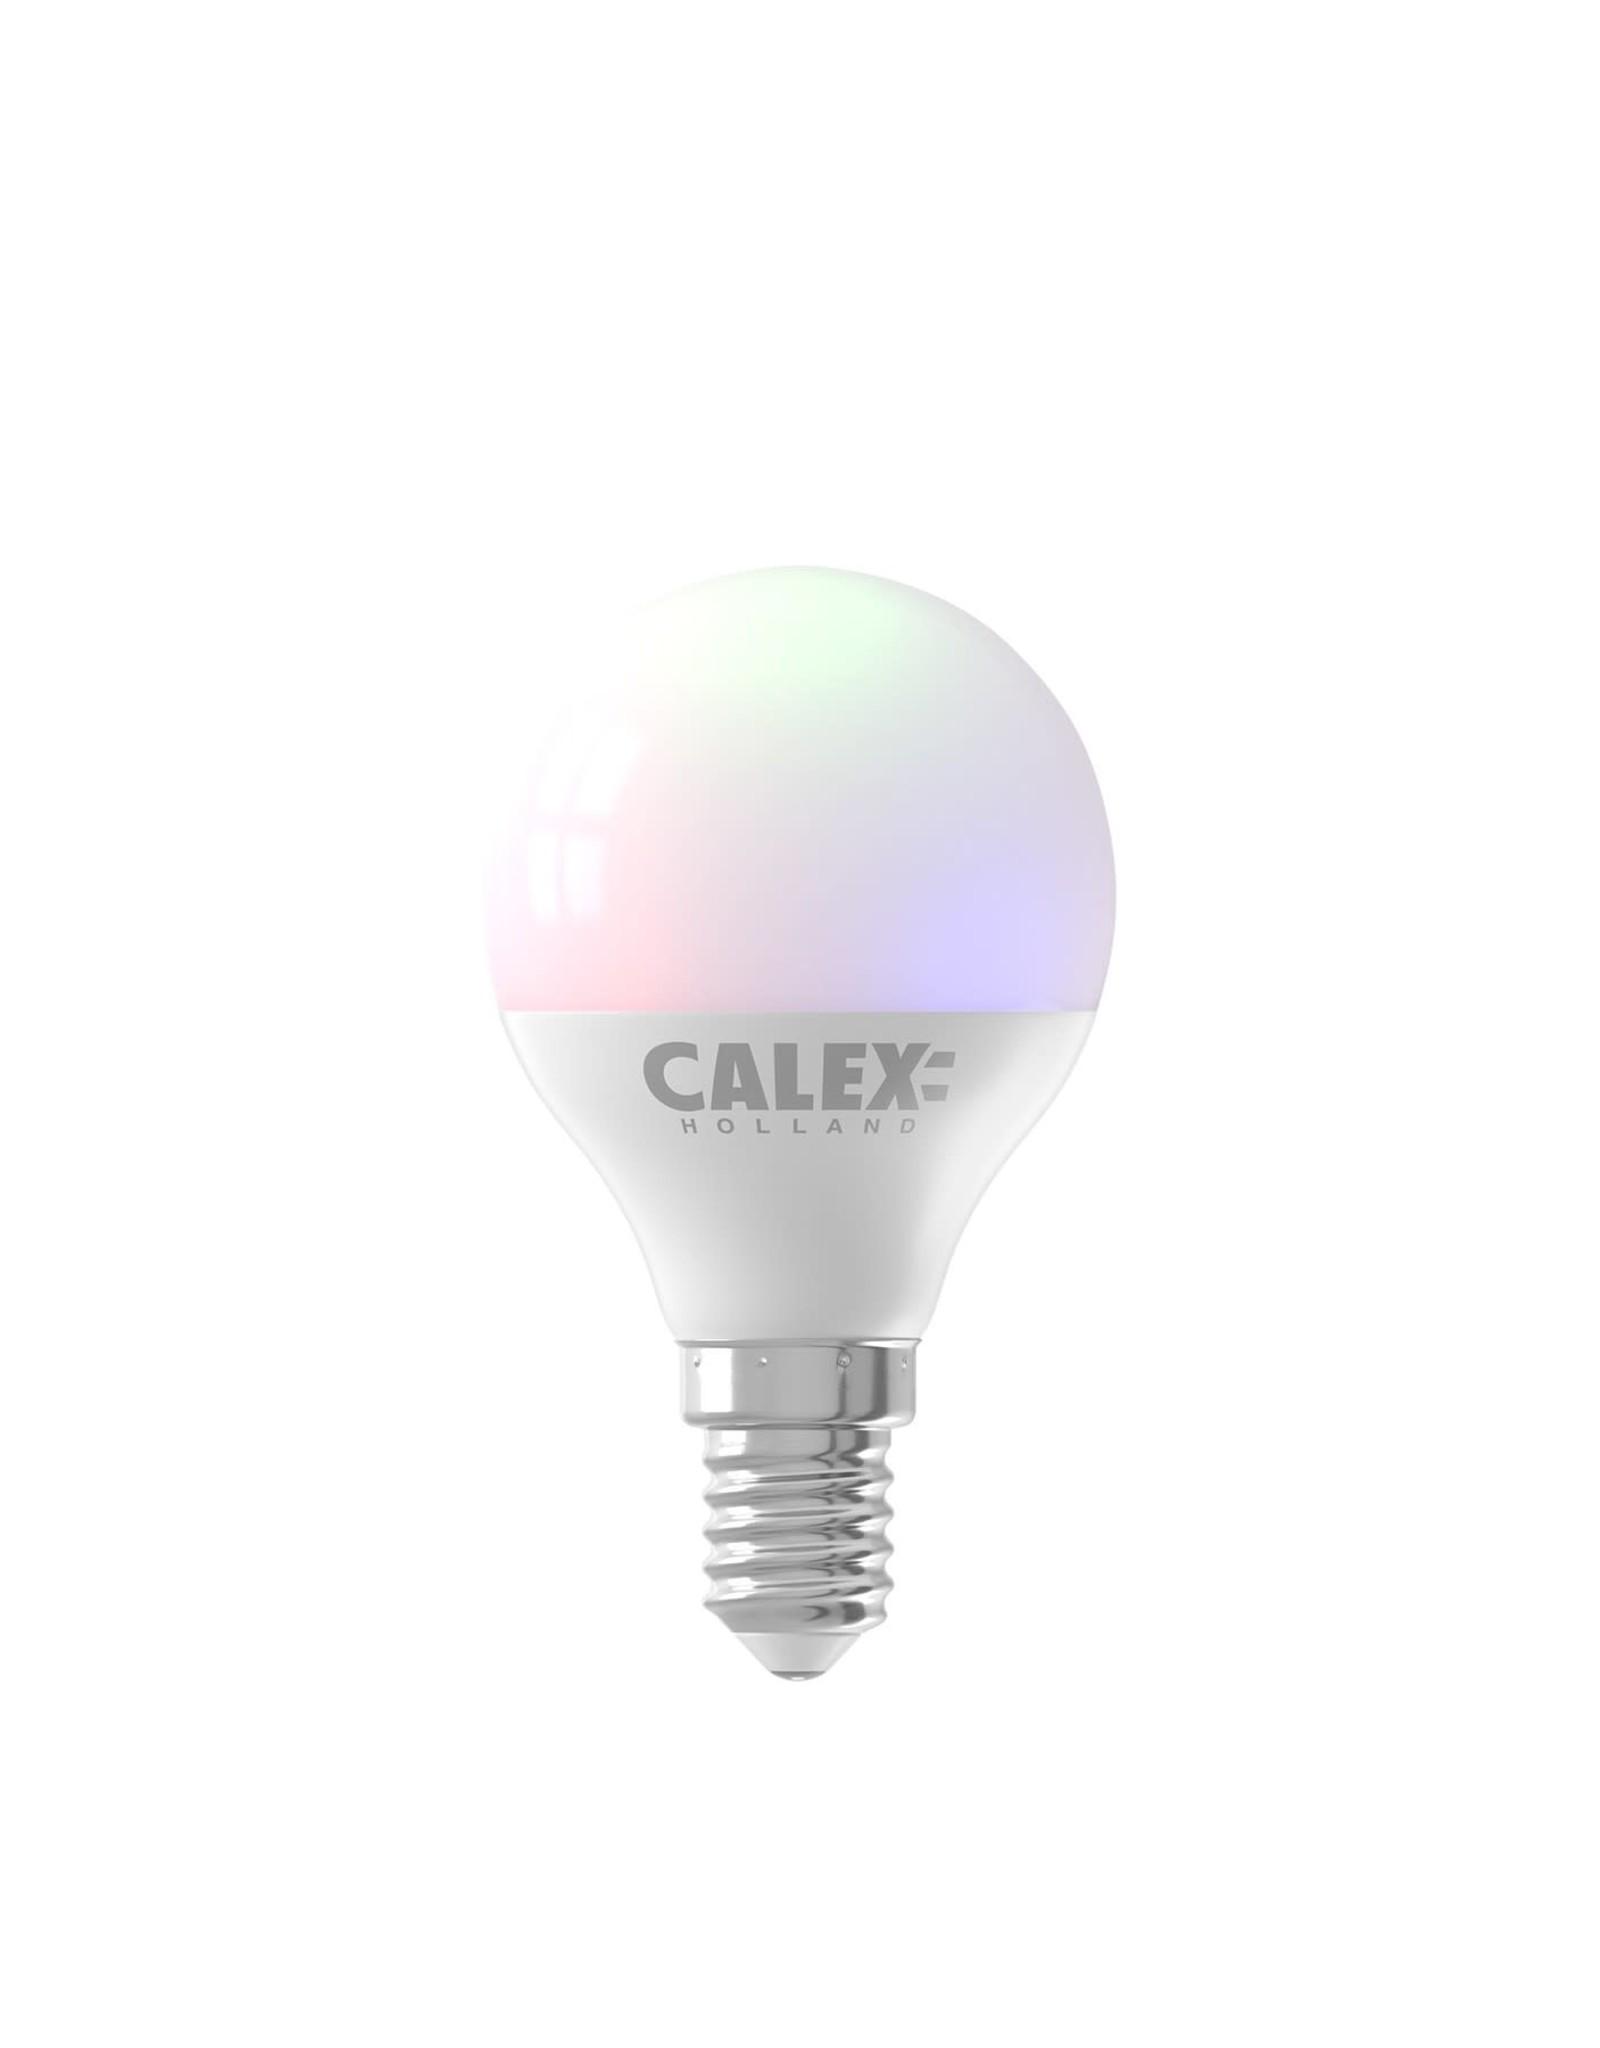 Calex Calex Smart LED Kogellamp P45 E14 220-240V 5W 470lm 2200-4000K + RGB